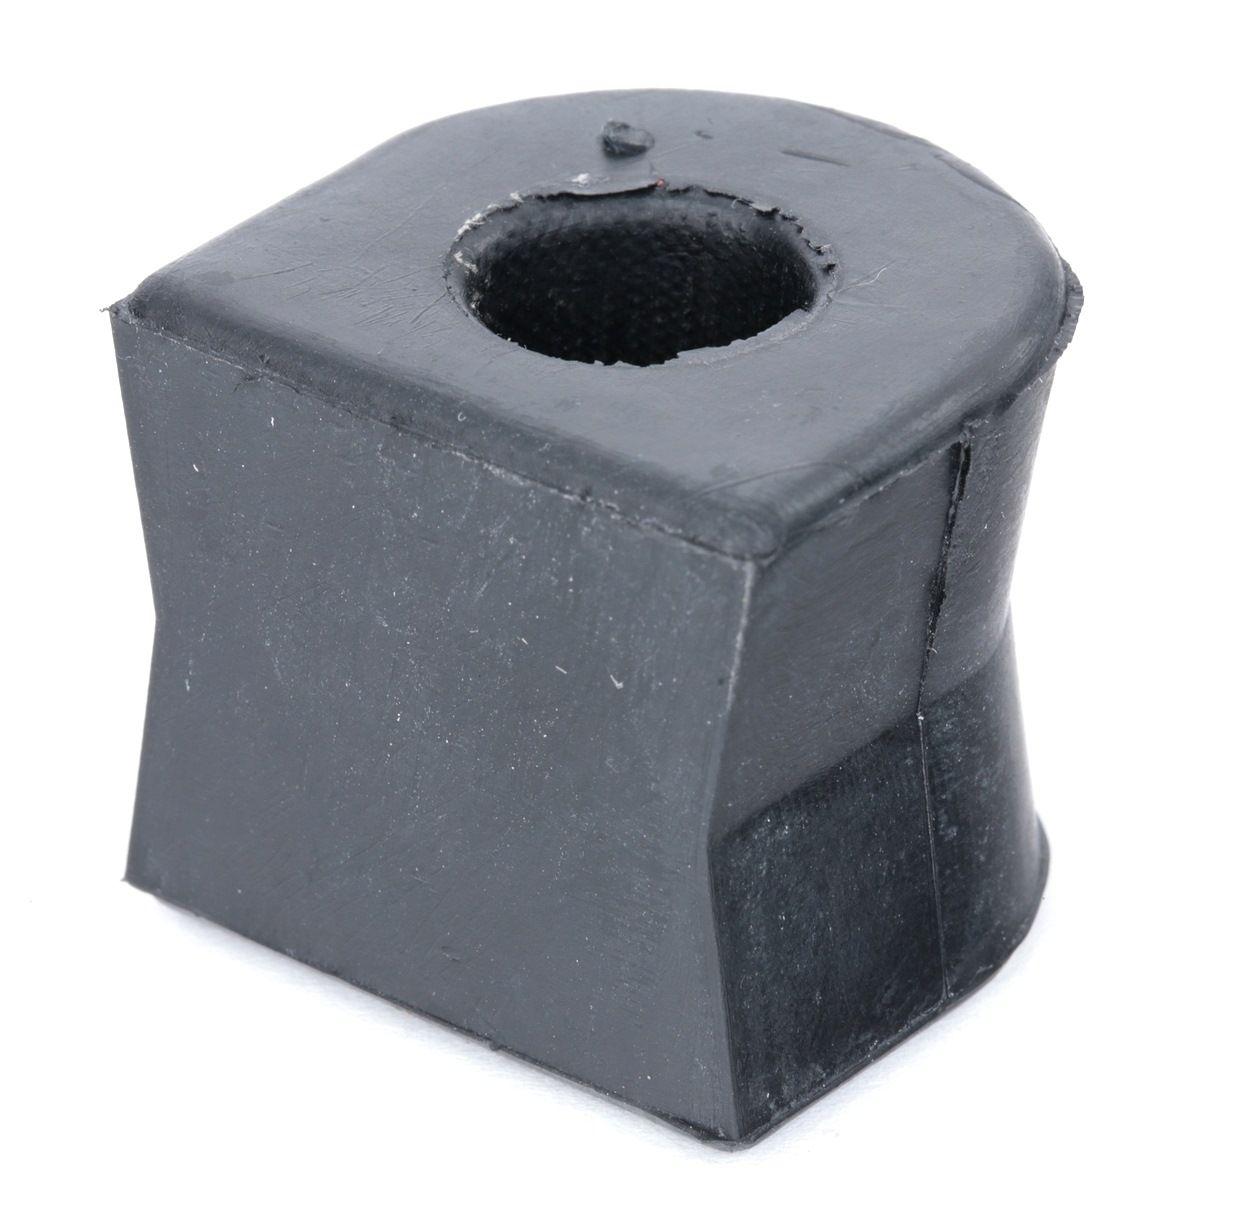 Купете 00025149 TEDGUM задна ос, вътрешен, ляво, дясно, гума, гумен тампон вътрешен диаметър: 13мм Тампони, стаб. щанга 00025149 евтино